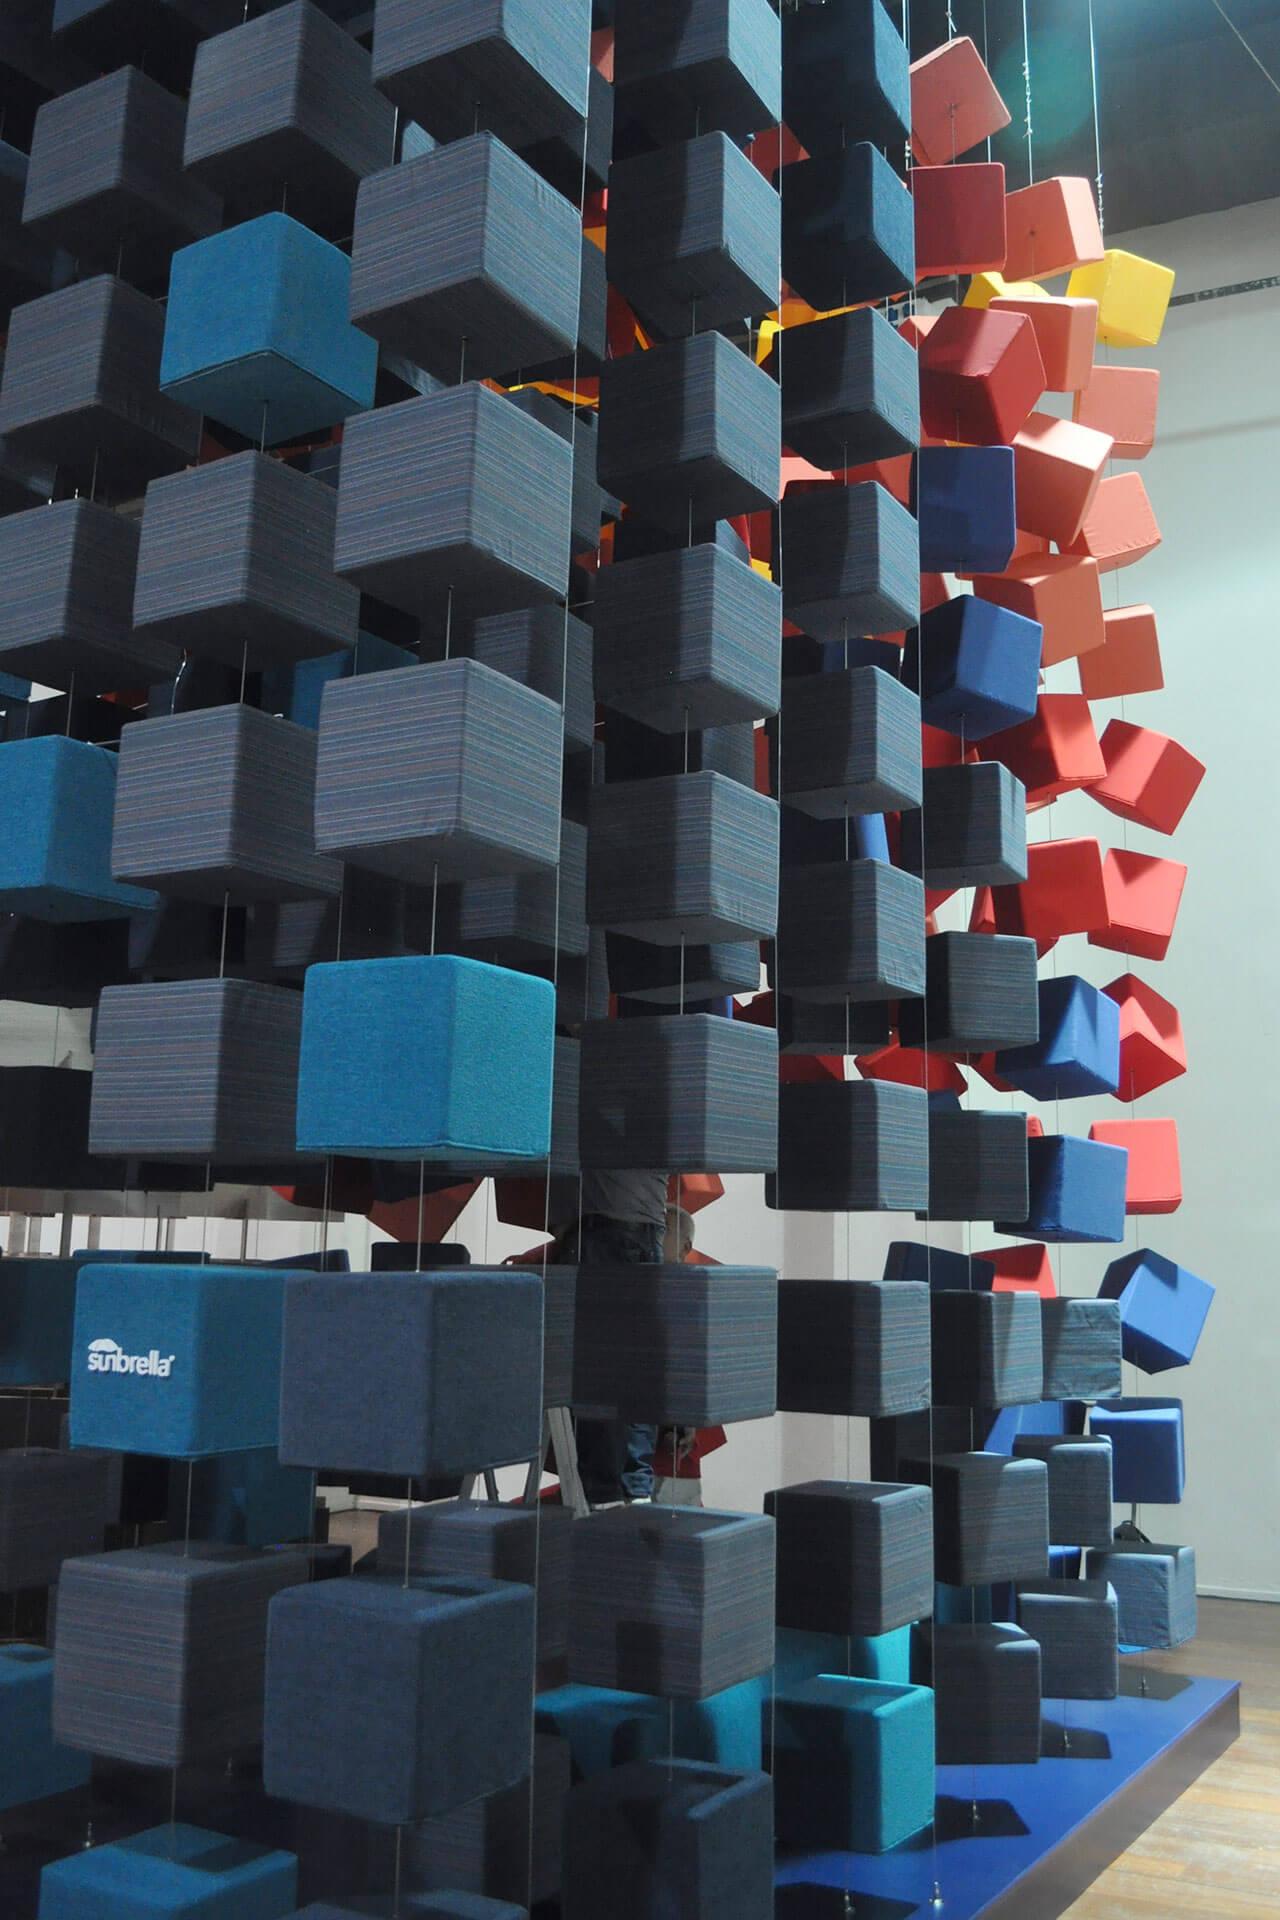 Sunbrella Spectrum 艺术装置使用了许多颜色亮丽、用 Sunbrella 布料制成的立方体。